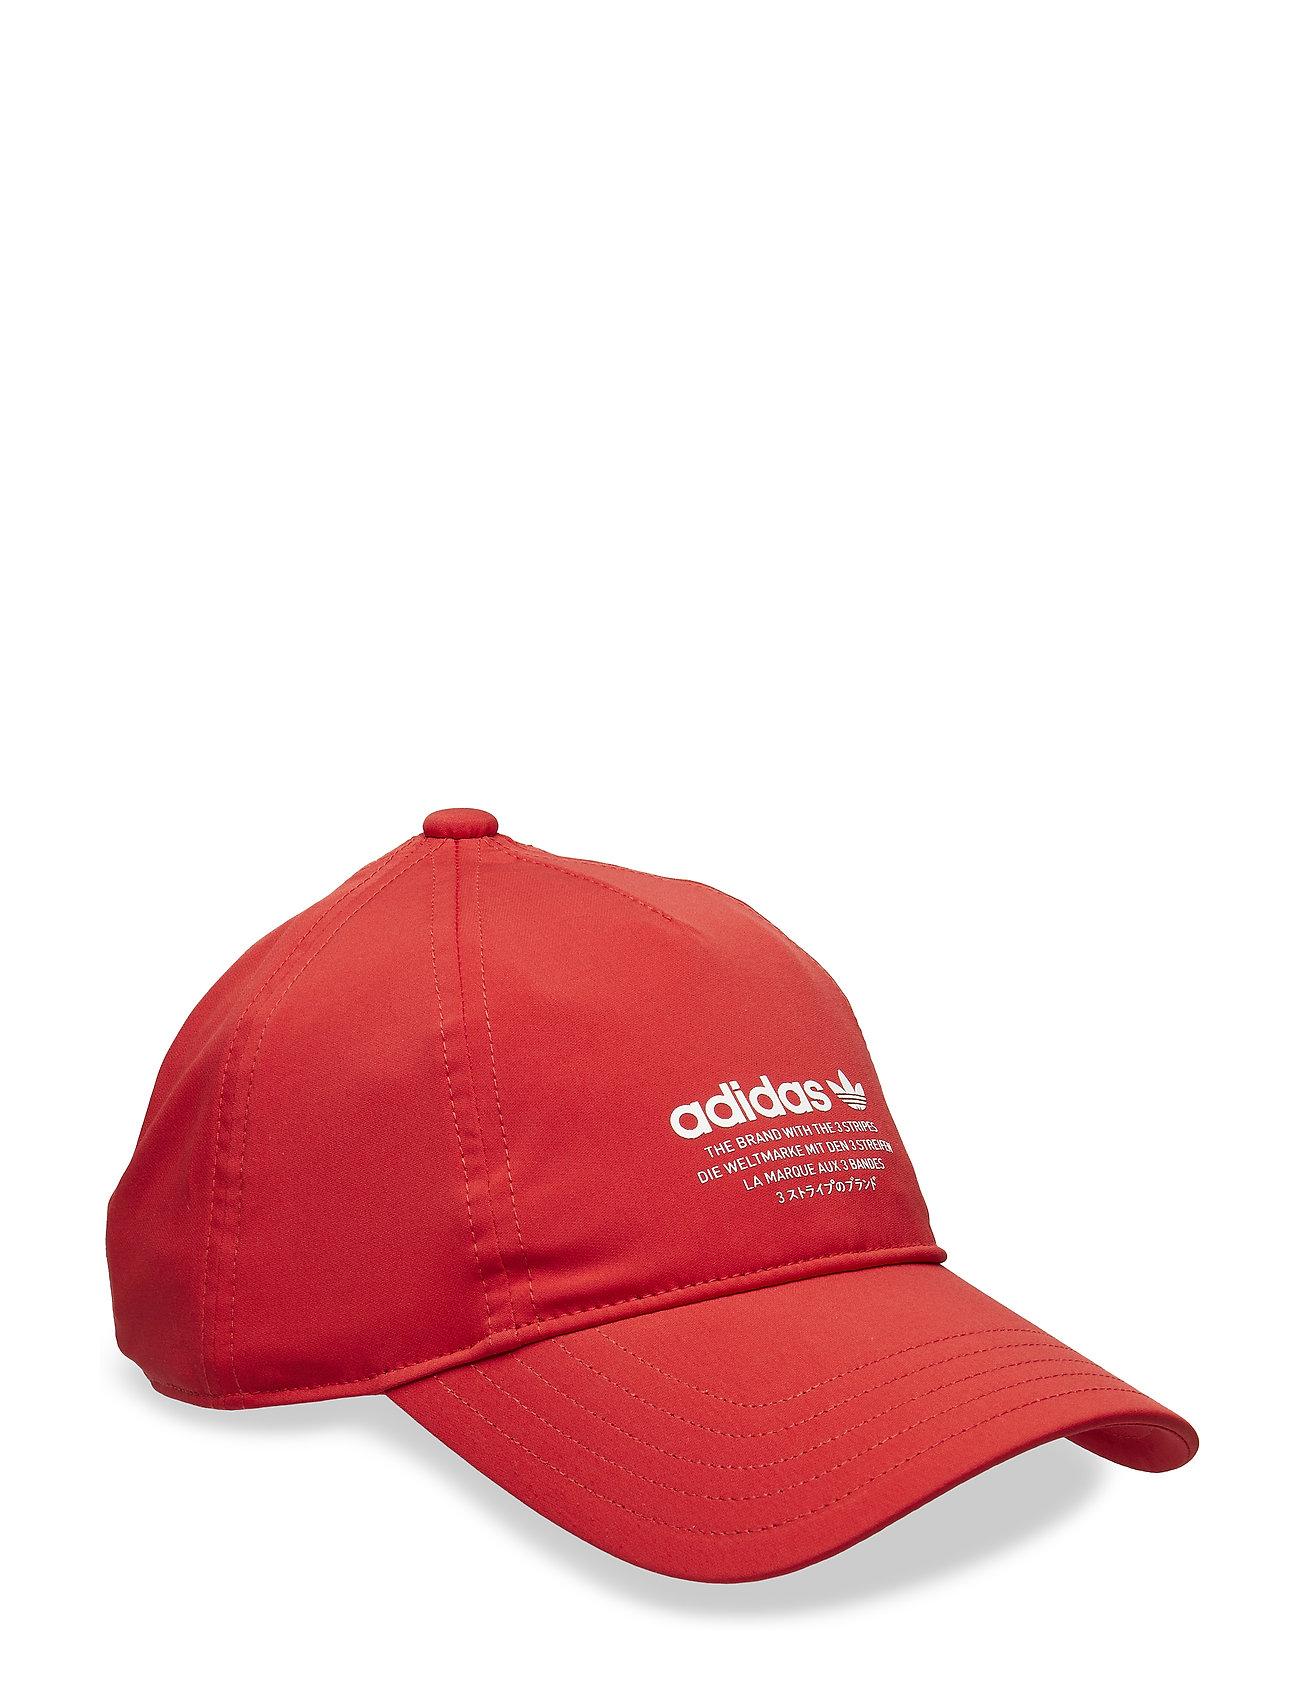 7ee2a4010e2 adidas Originals Adidas Nmd Cap (Lusred)